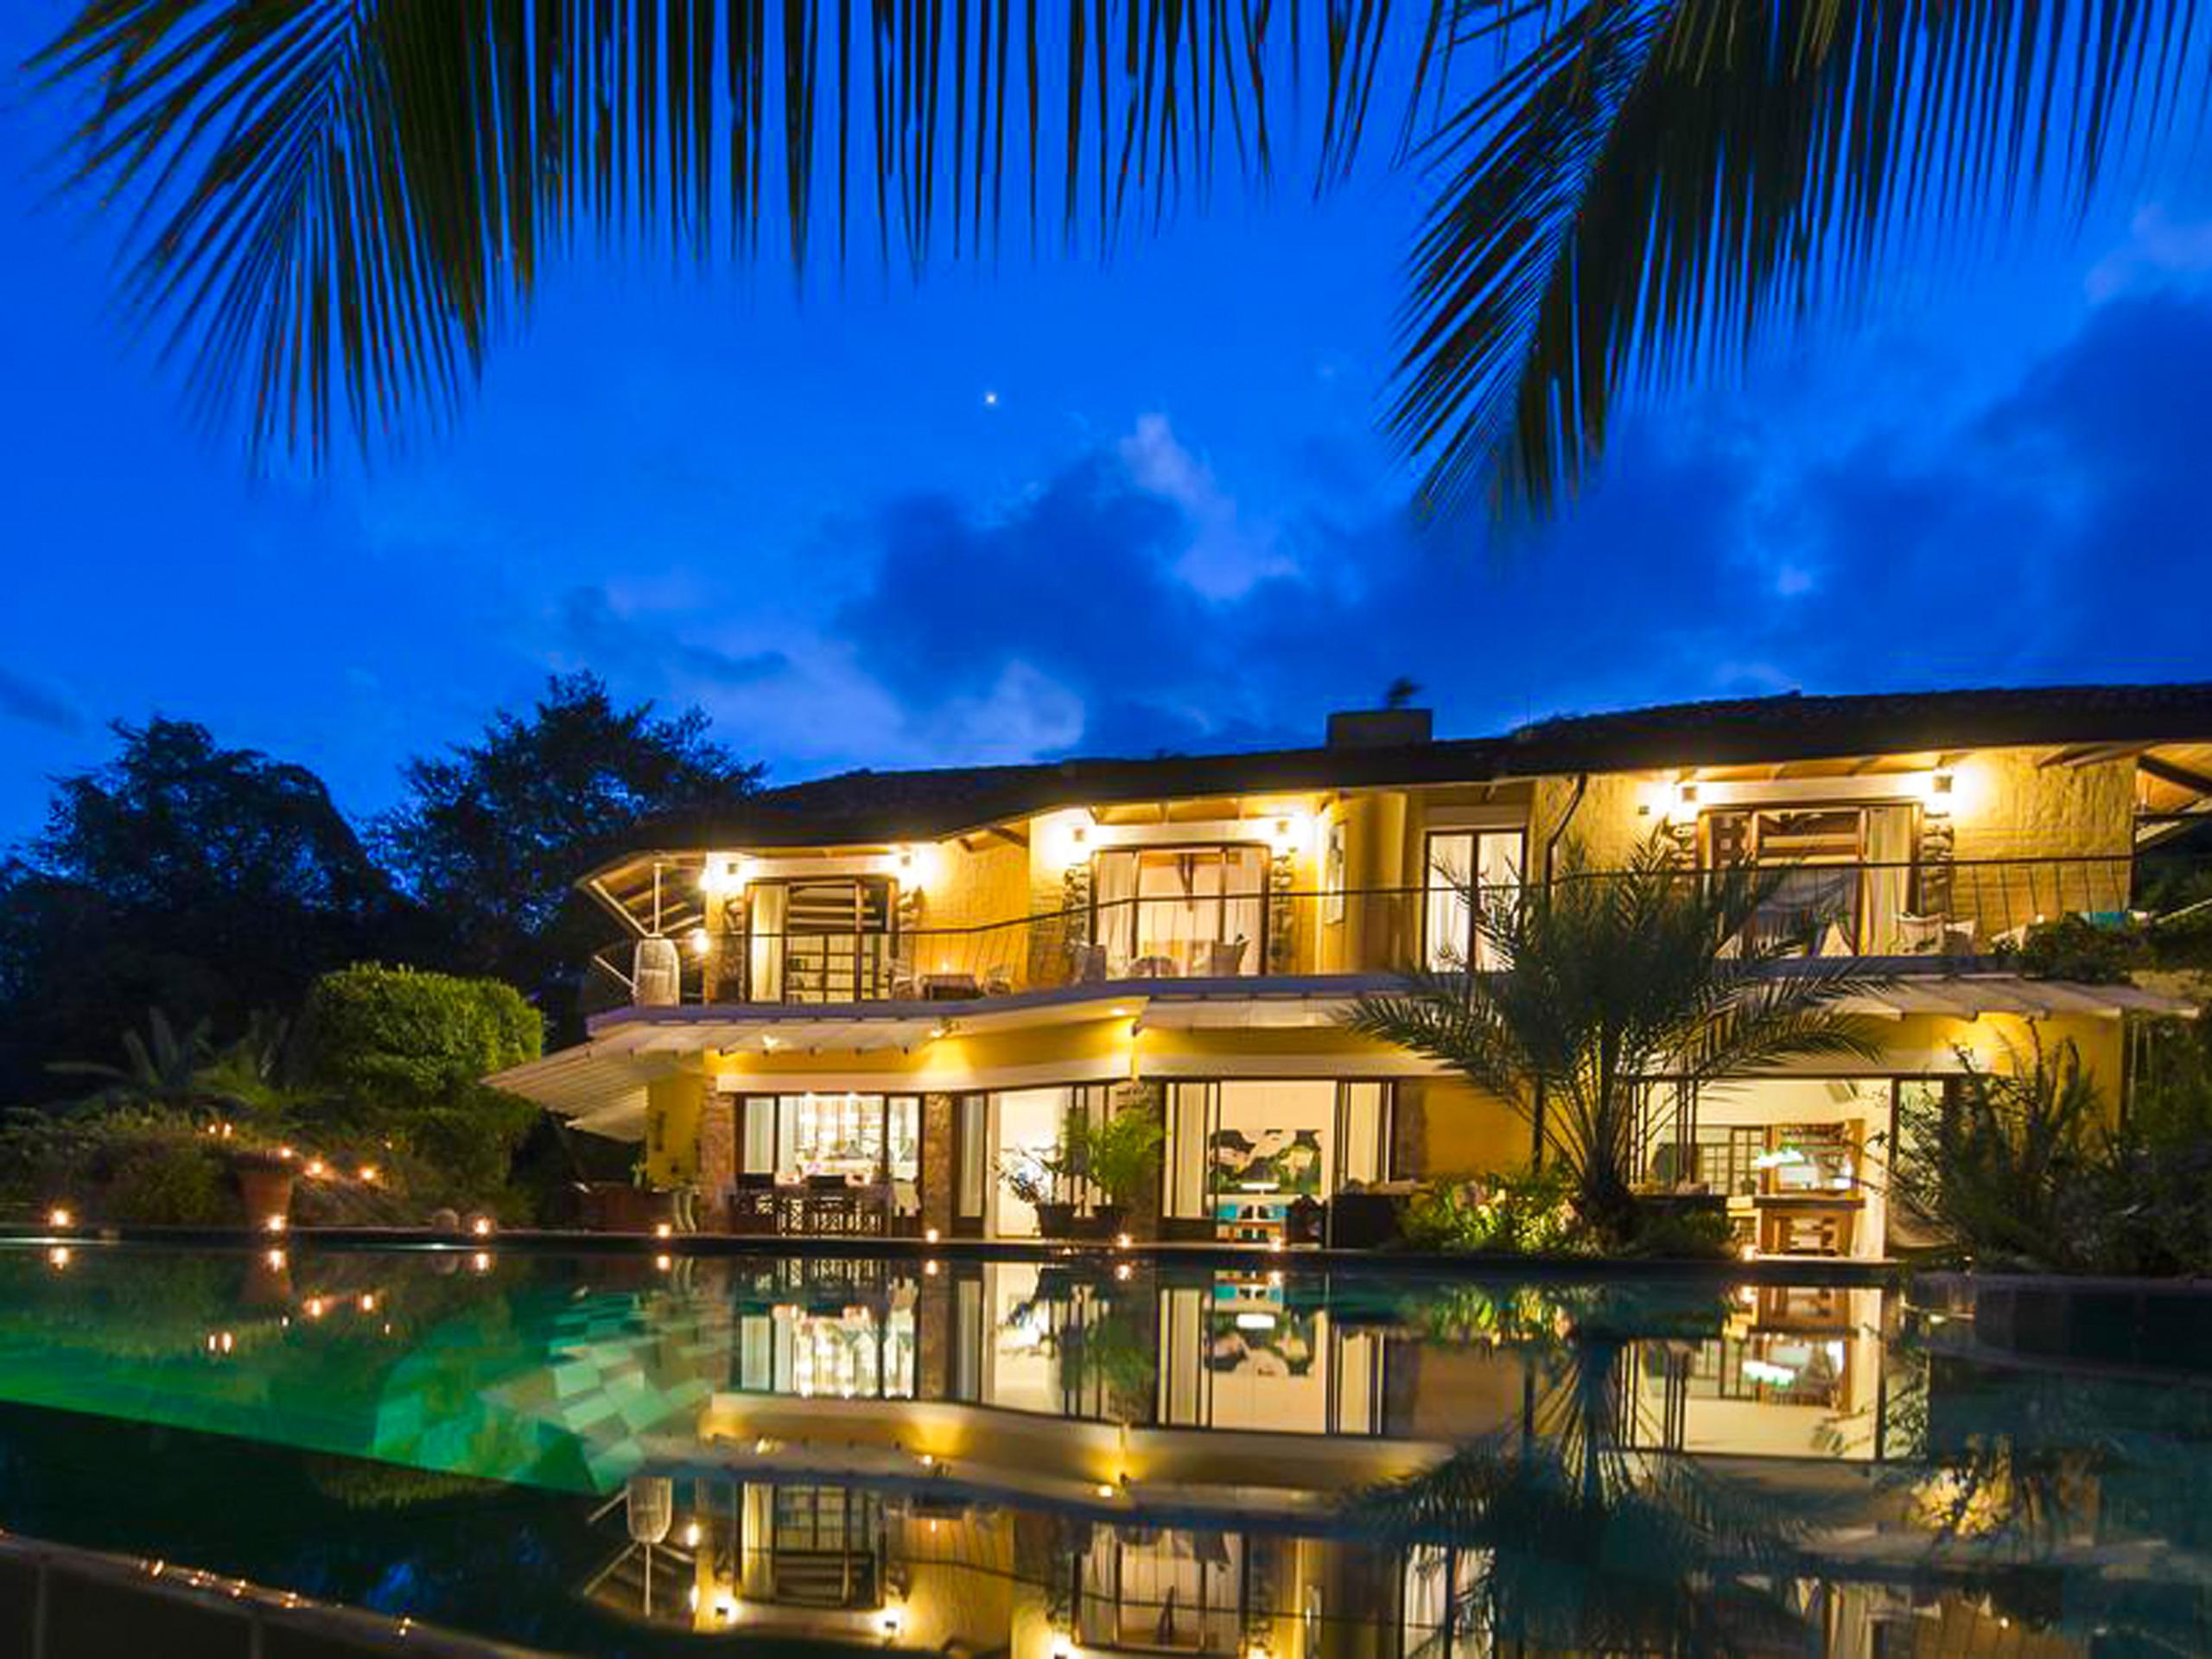 Bougainvillea Hotel night view